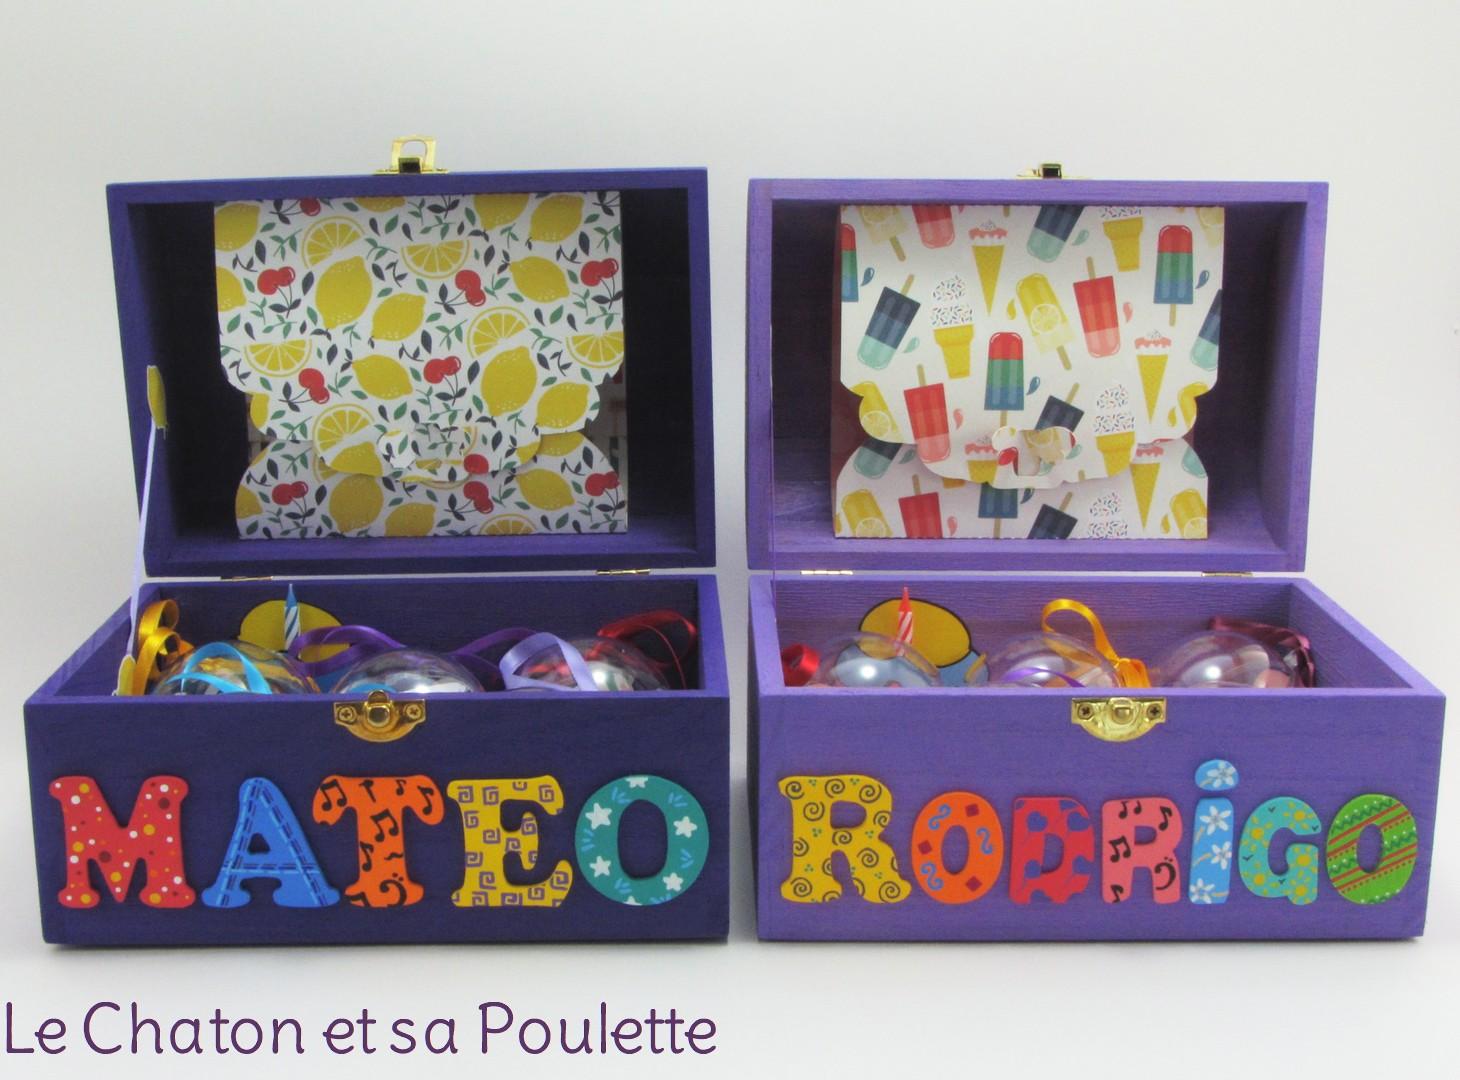 Coffrets violet et lilas, prénoms décorés Mateo et Rodrigo, intérieur avec boules, pochette cupcake et pochette dans le couvercle